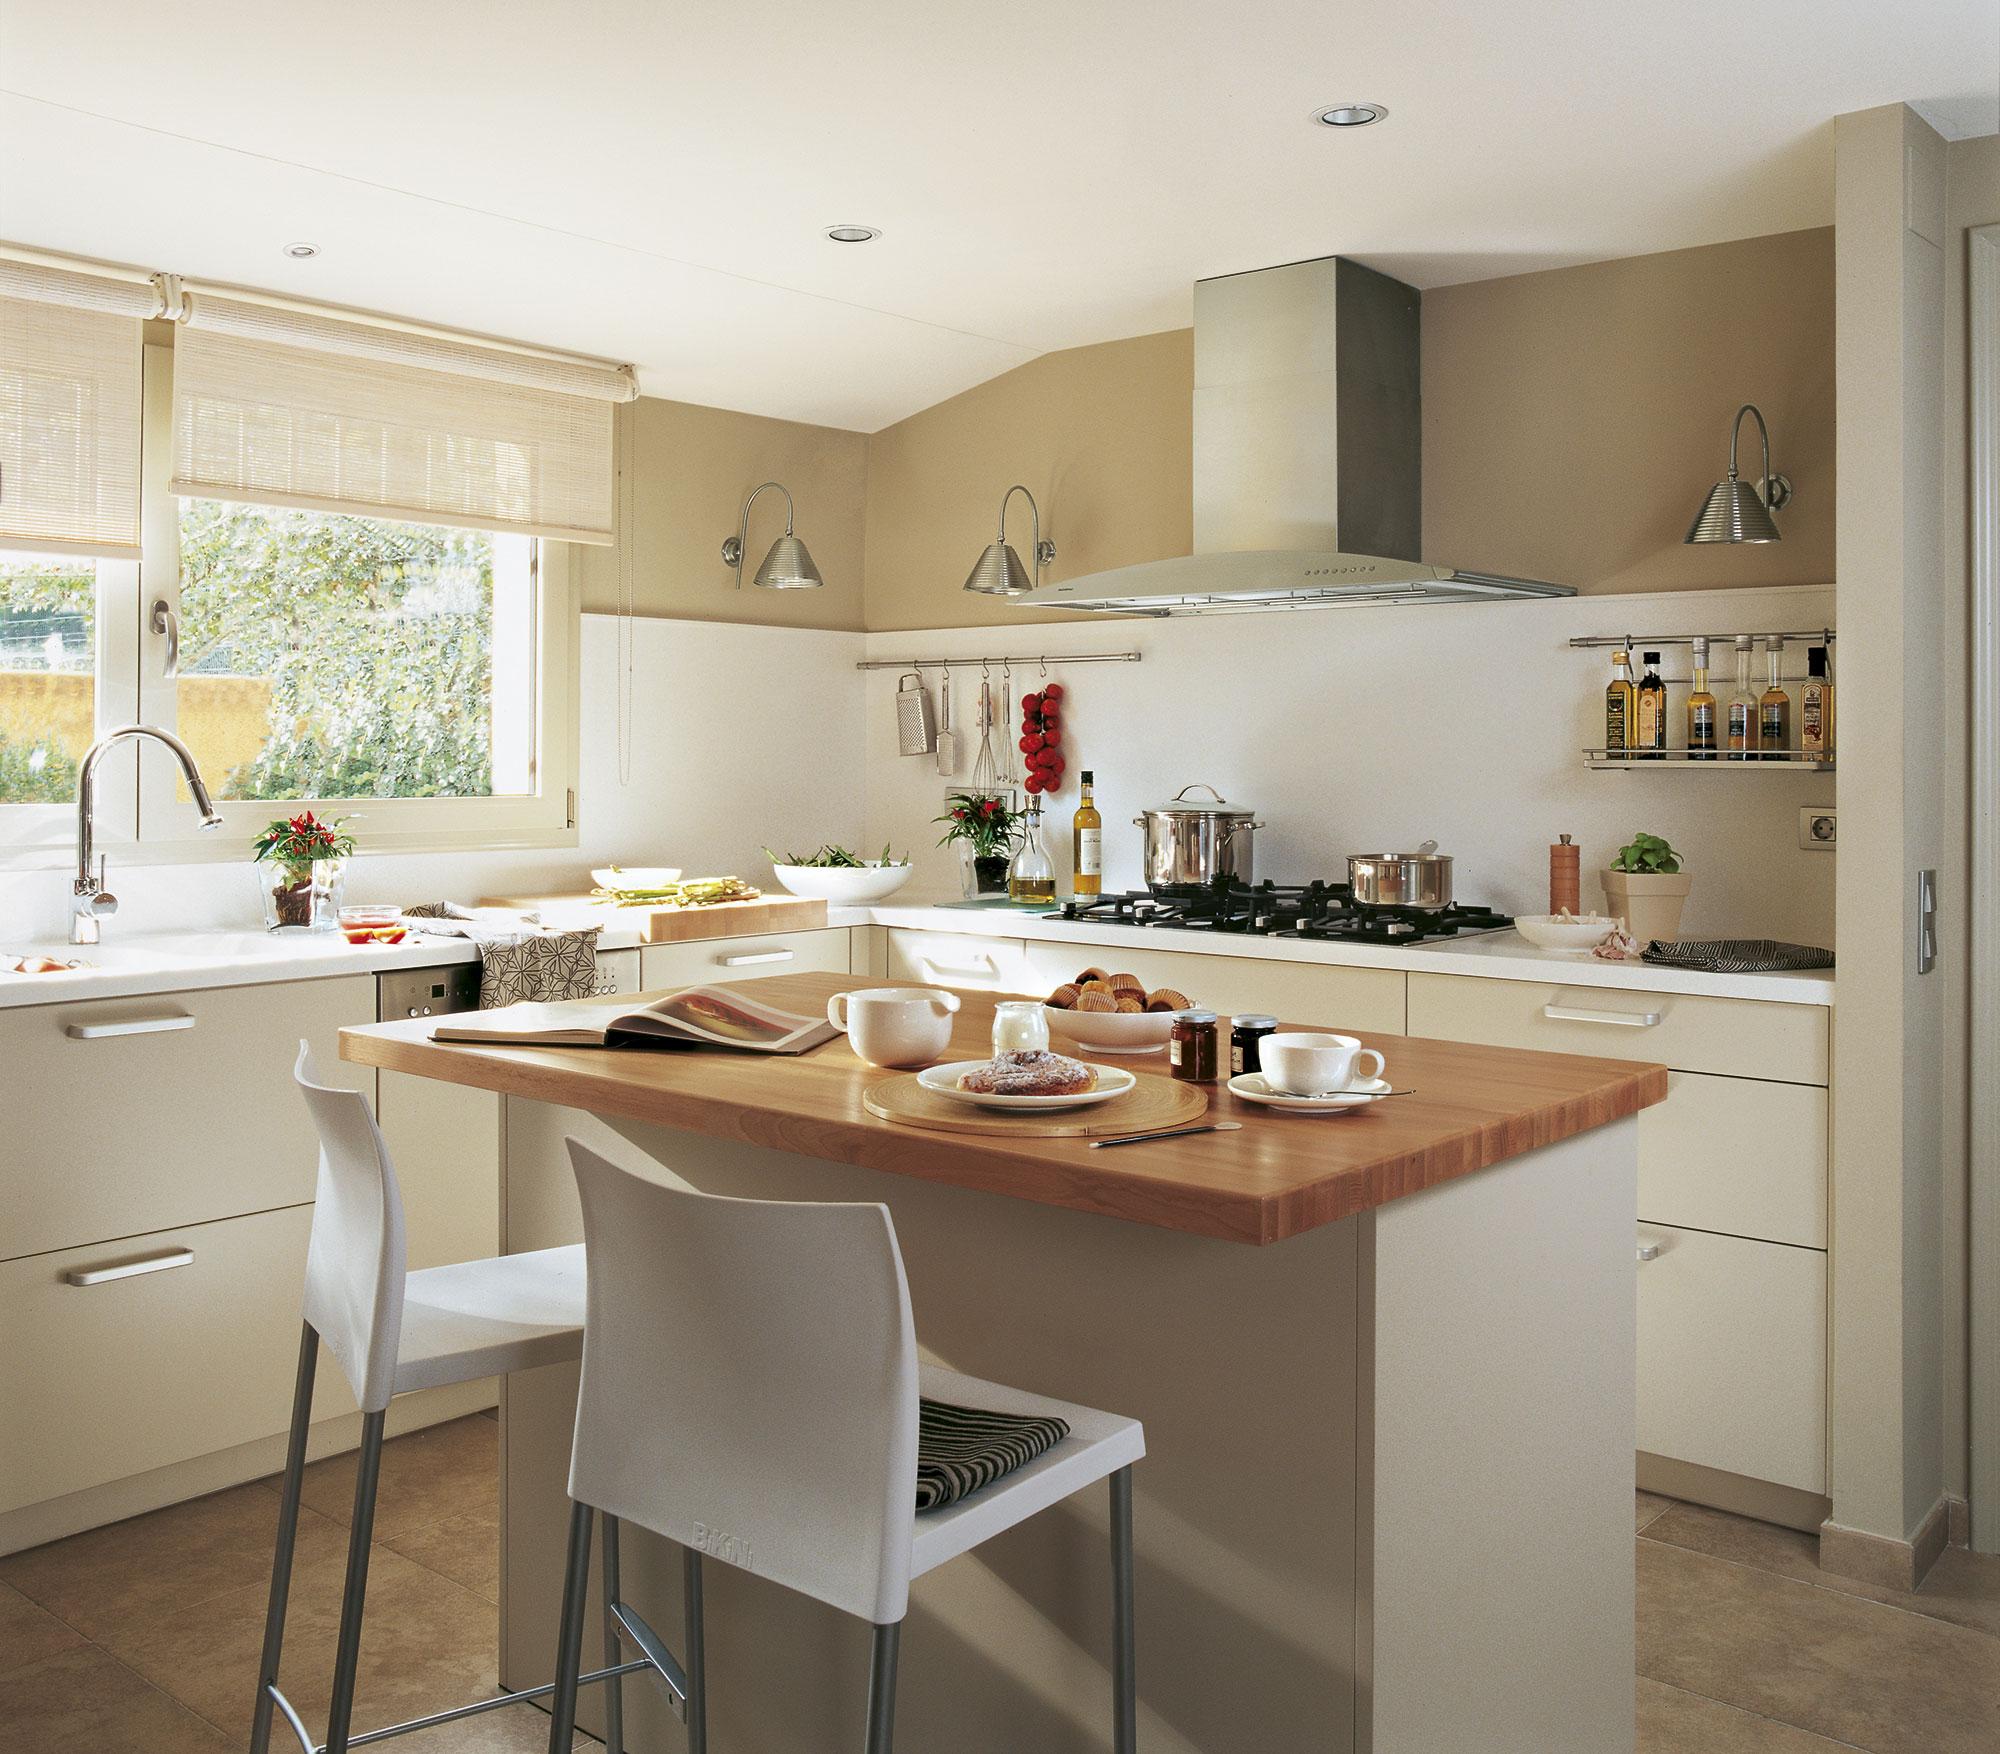 Dise o de una cocina con barra de desayuno - Cocinas para cocinar ...